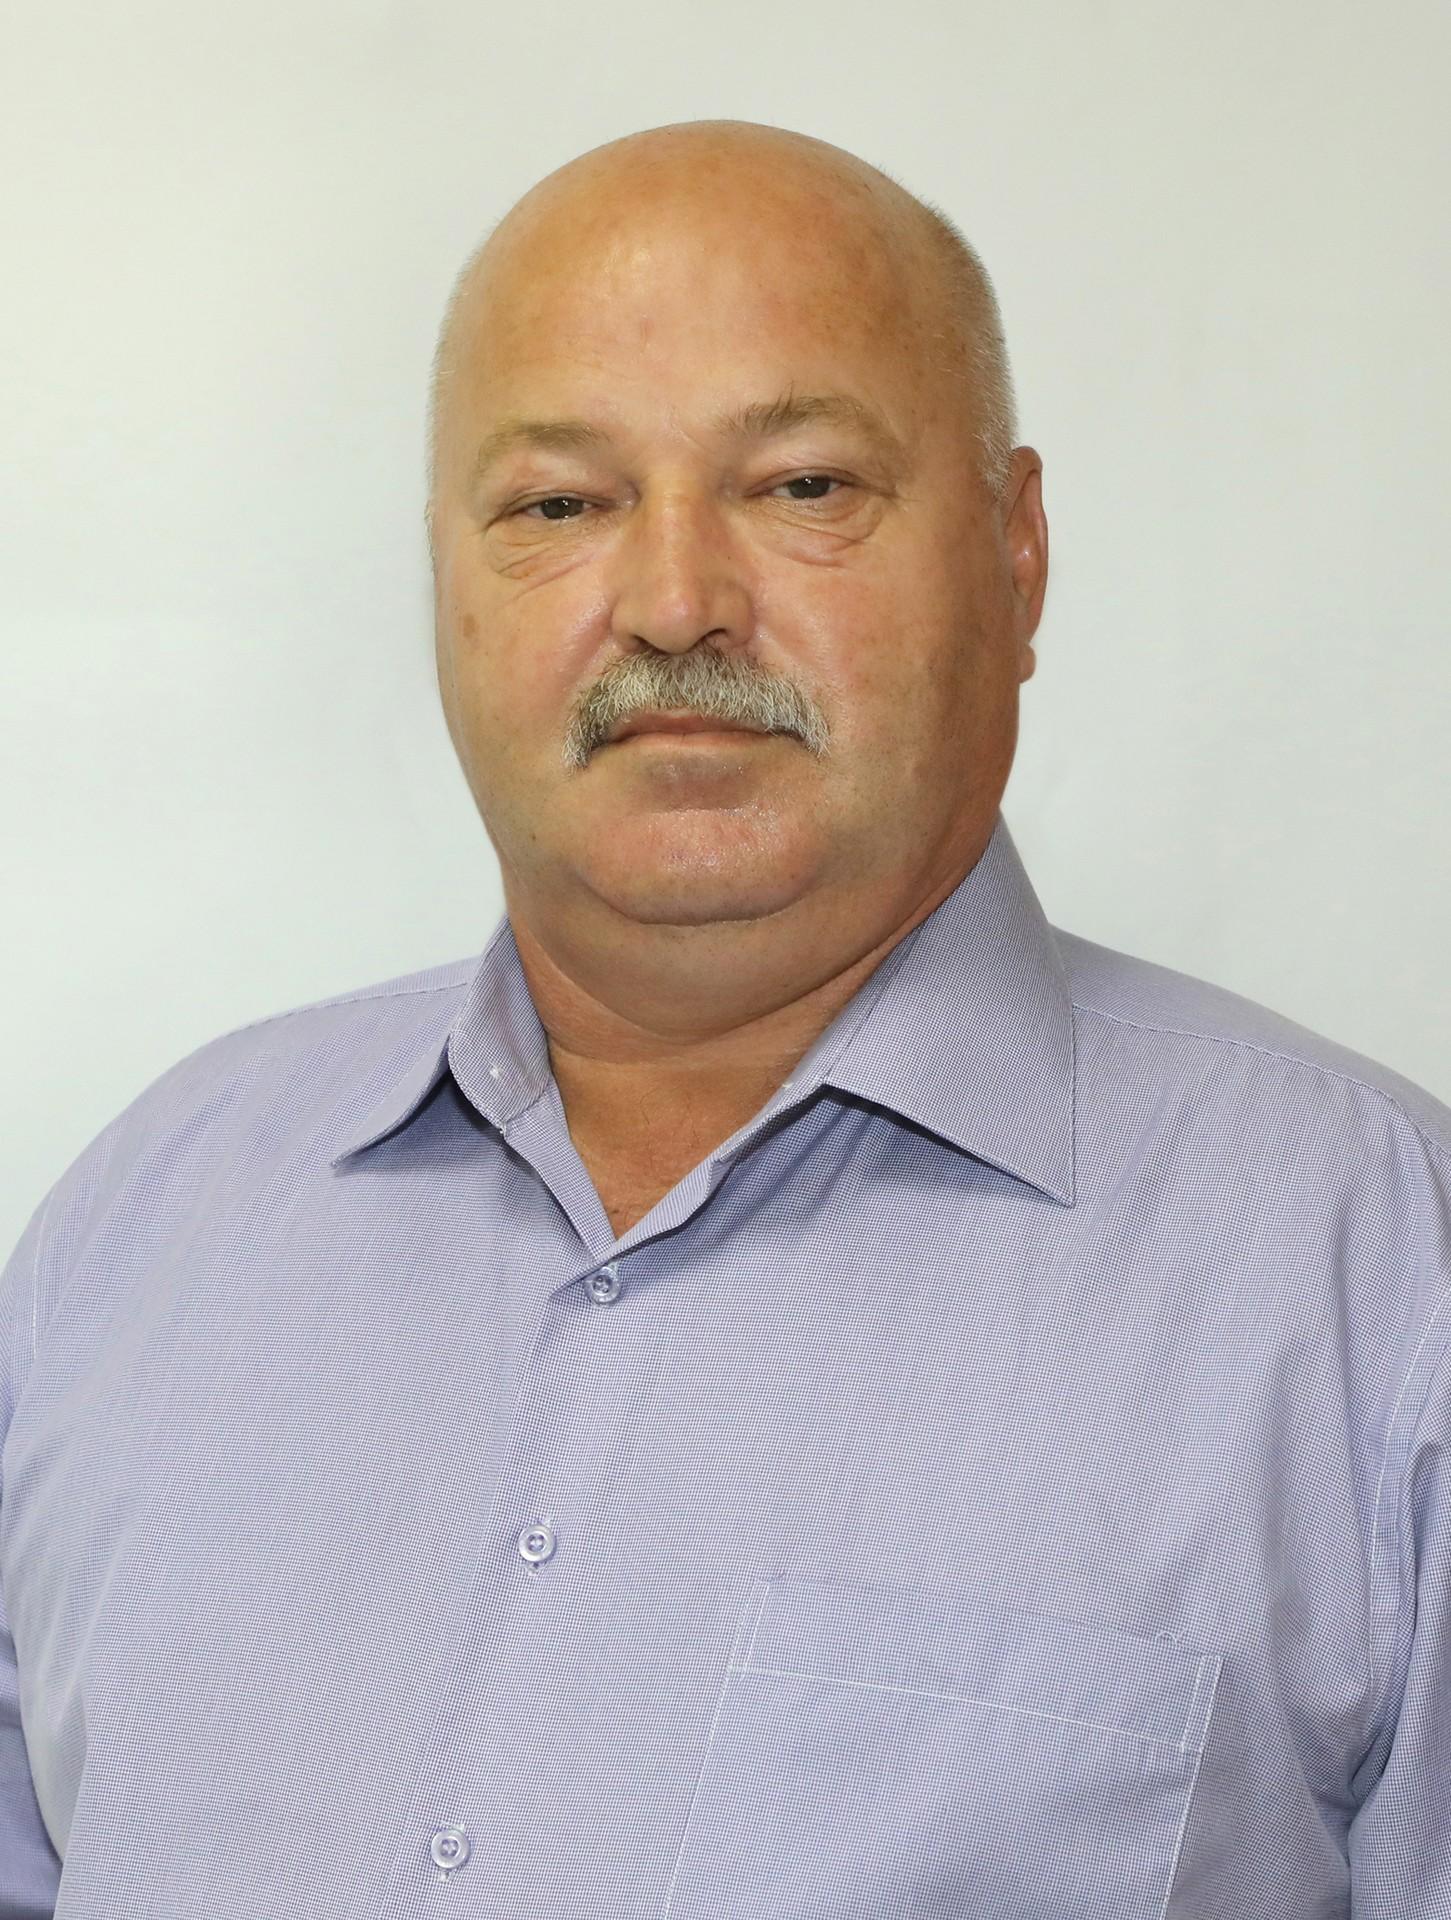 Назначен директор государственного унитарного предприятия «Центральный универсальный рынок»